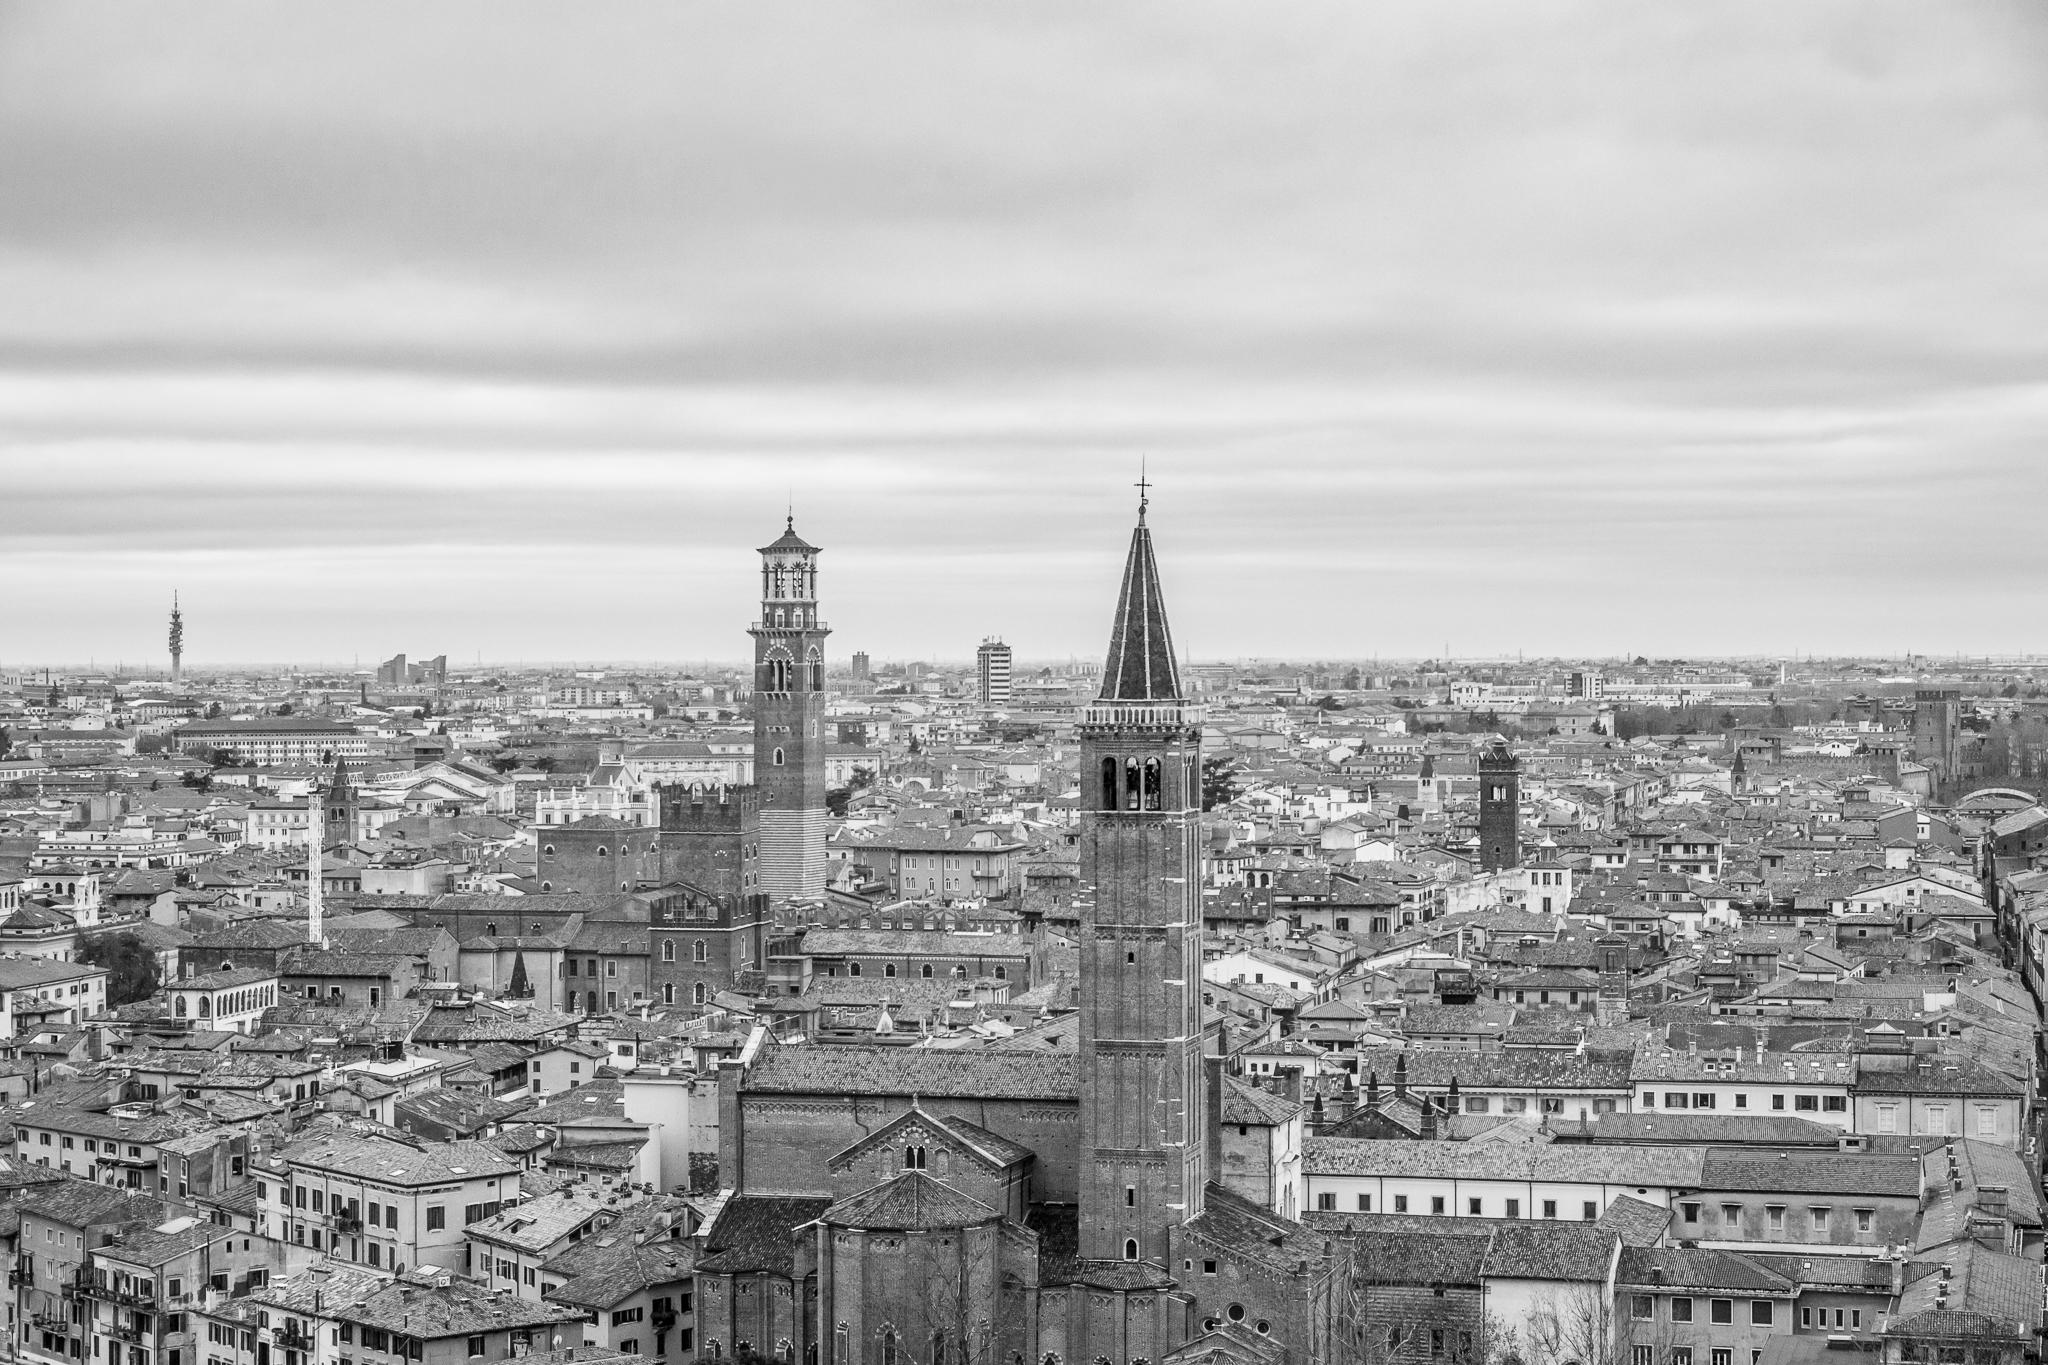 Verona, Italy - 2016